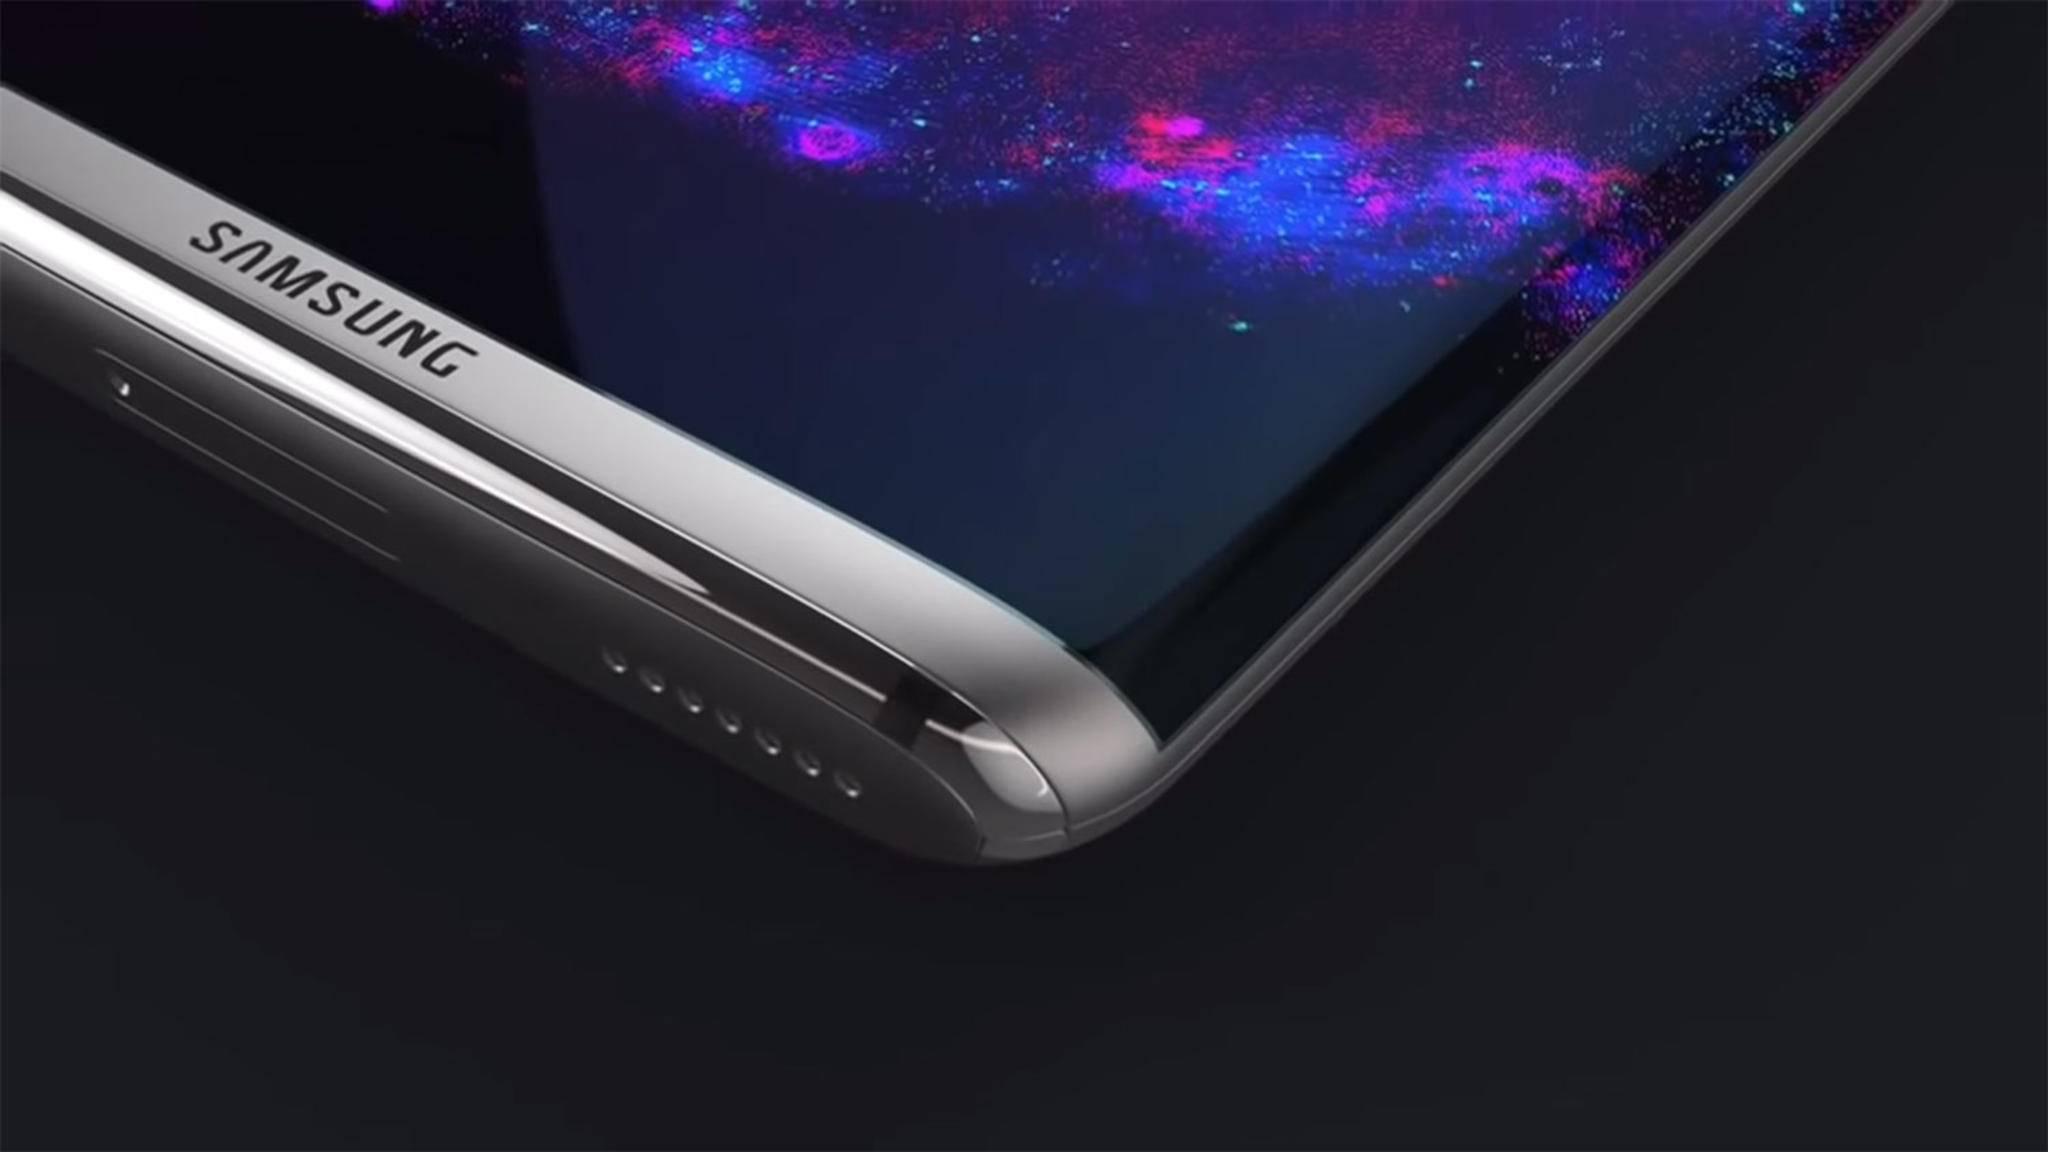 Ein ausgeklügeltes Design verspricht Samsung für sein Galaxy S8.